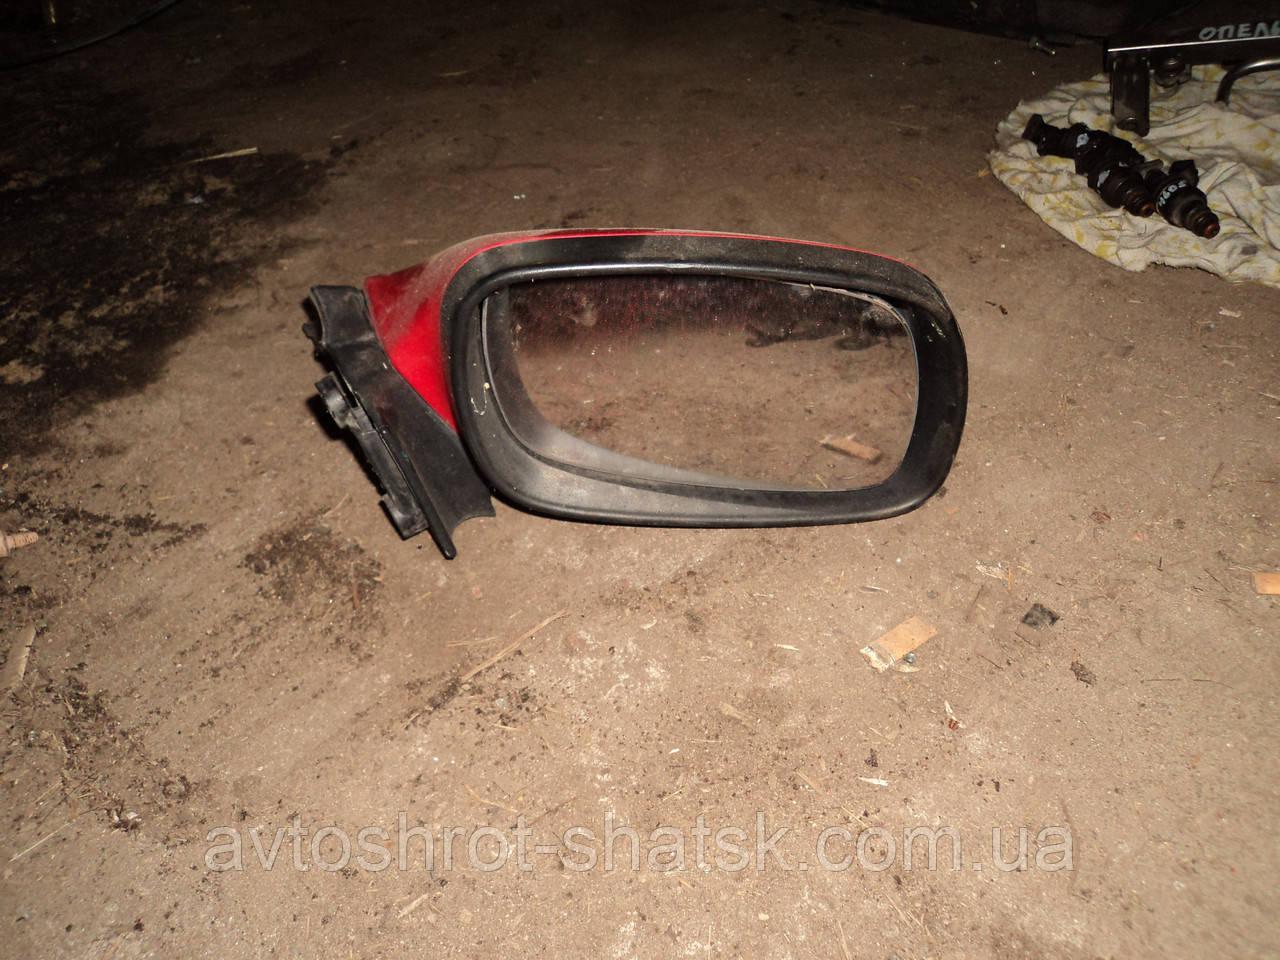 Б/у електро дзеркало для Opel Calibra.